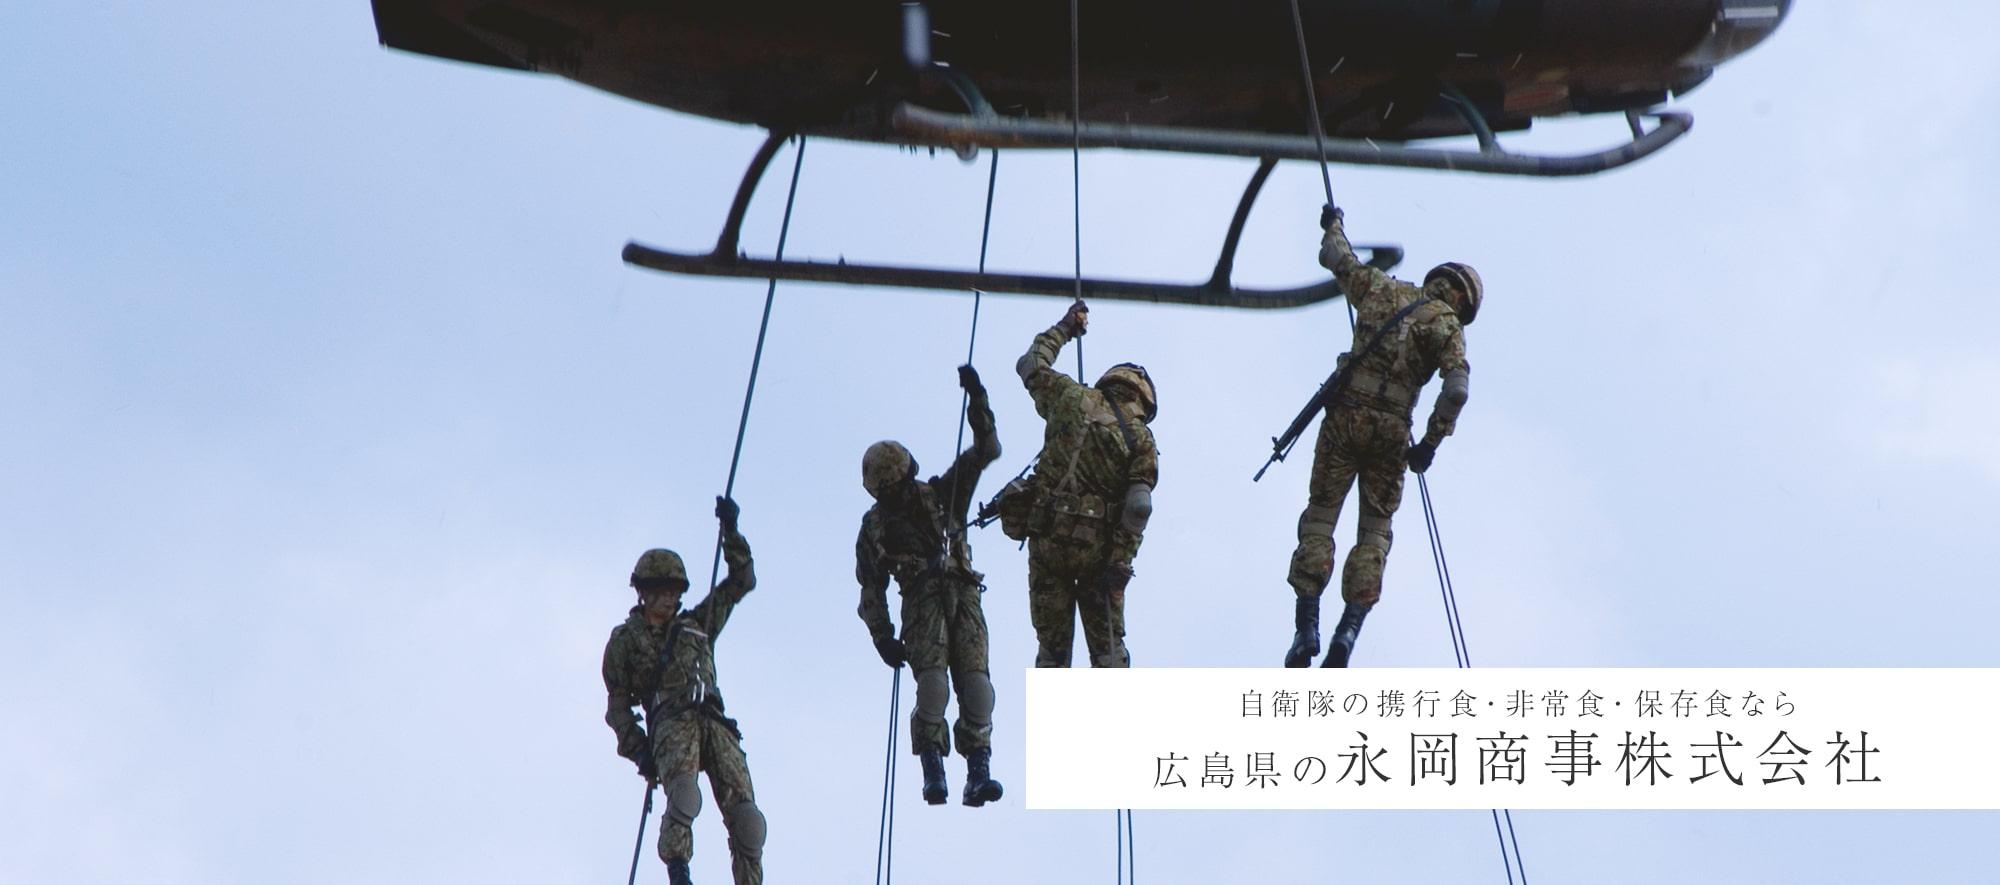 自衛隊の携行食・非常食・保存食なら 広島県の永岡商事株式会社